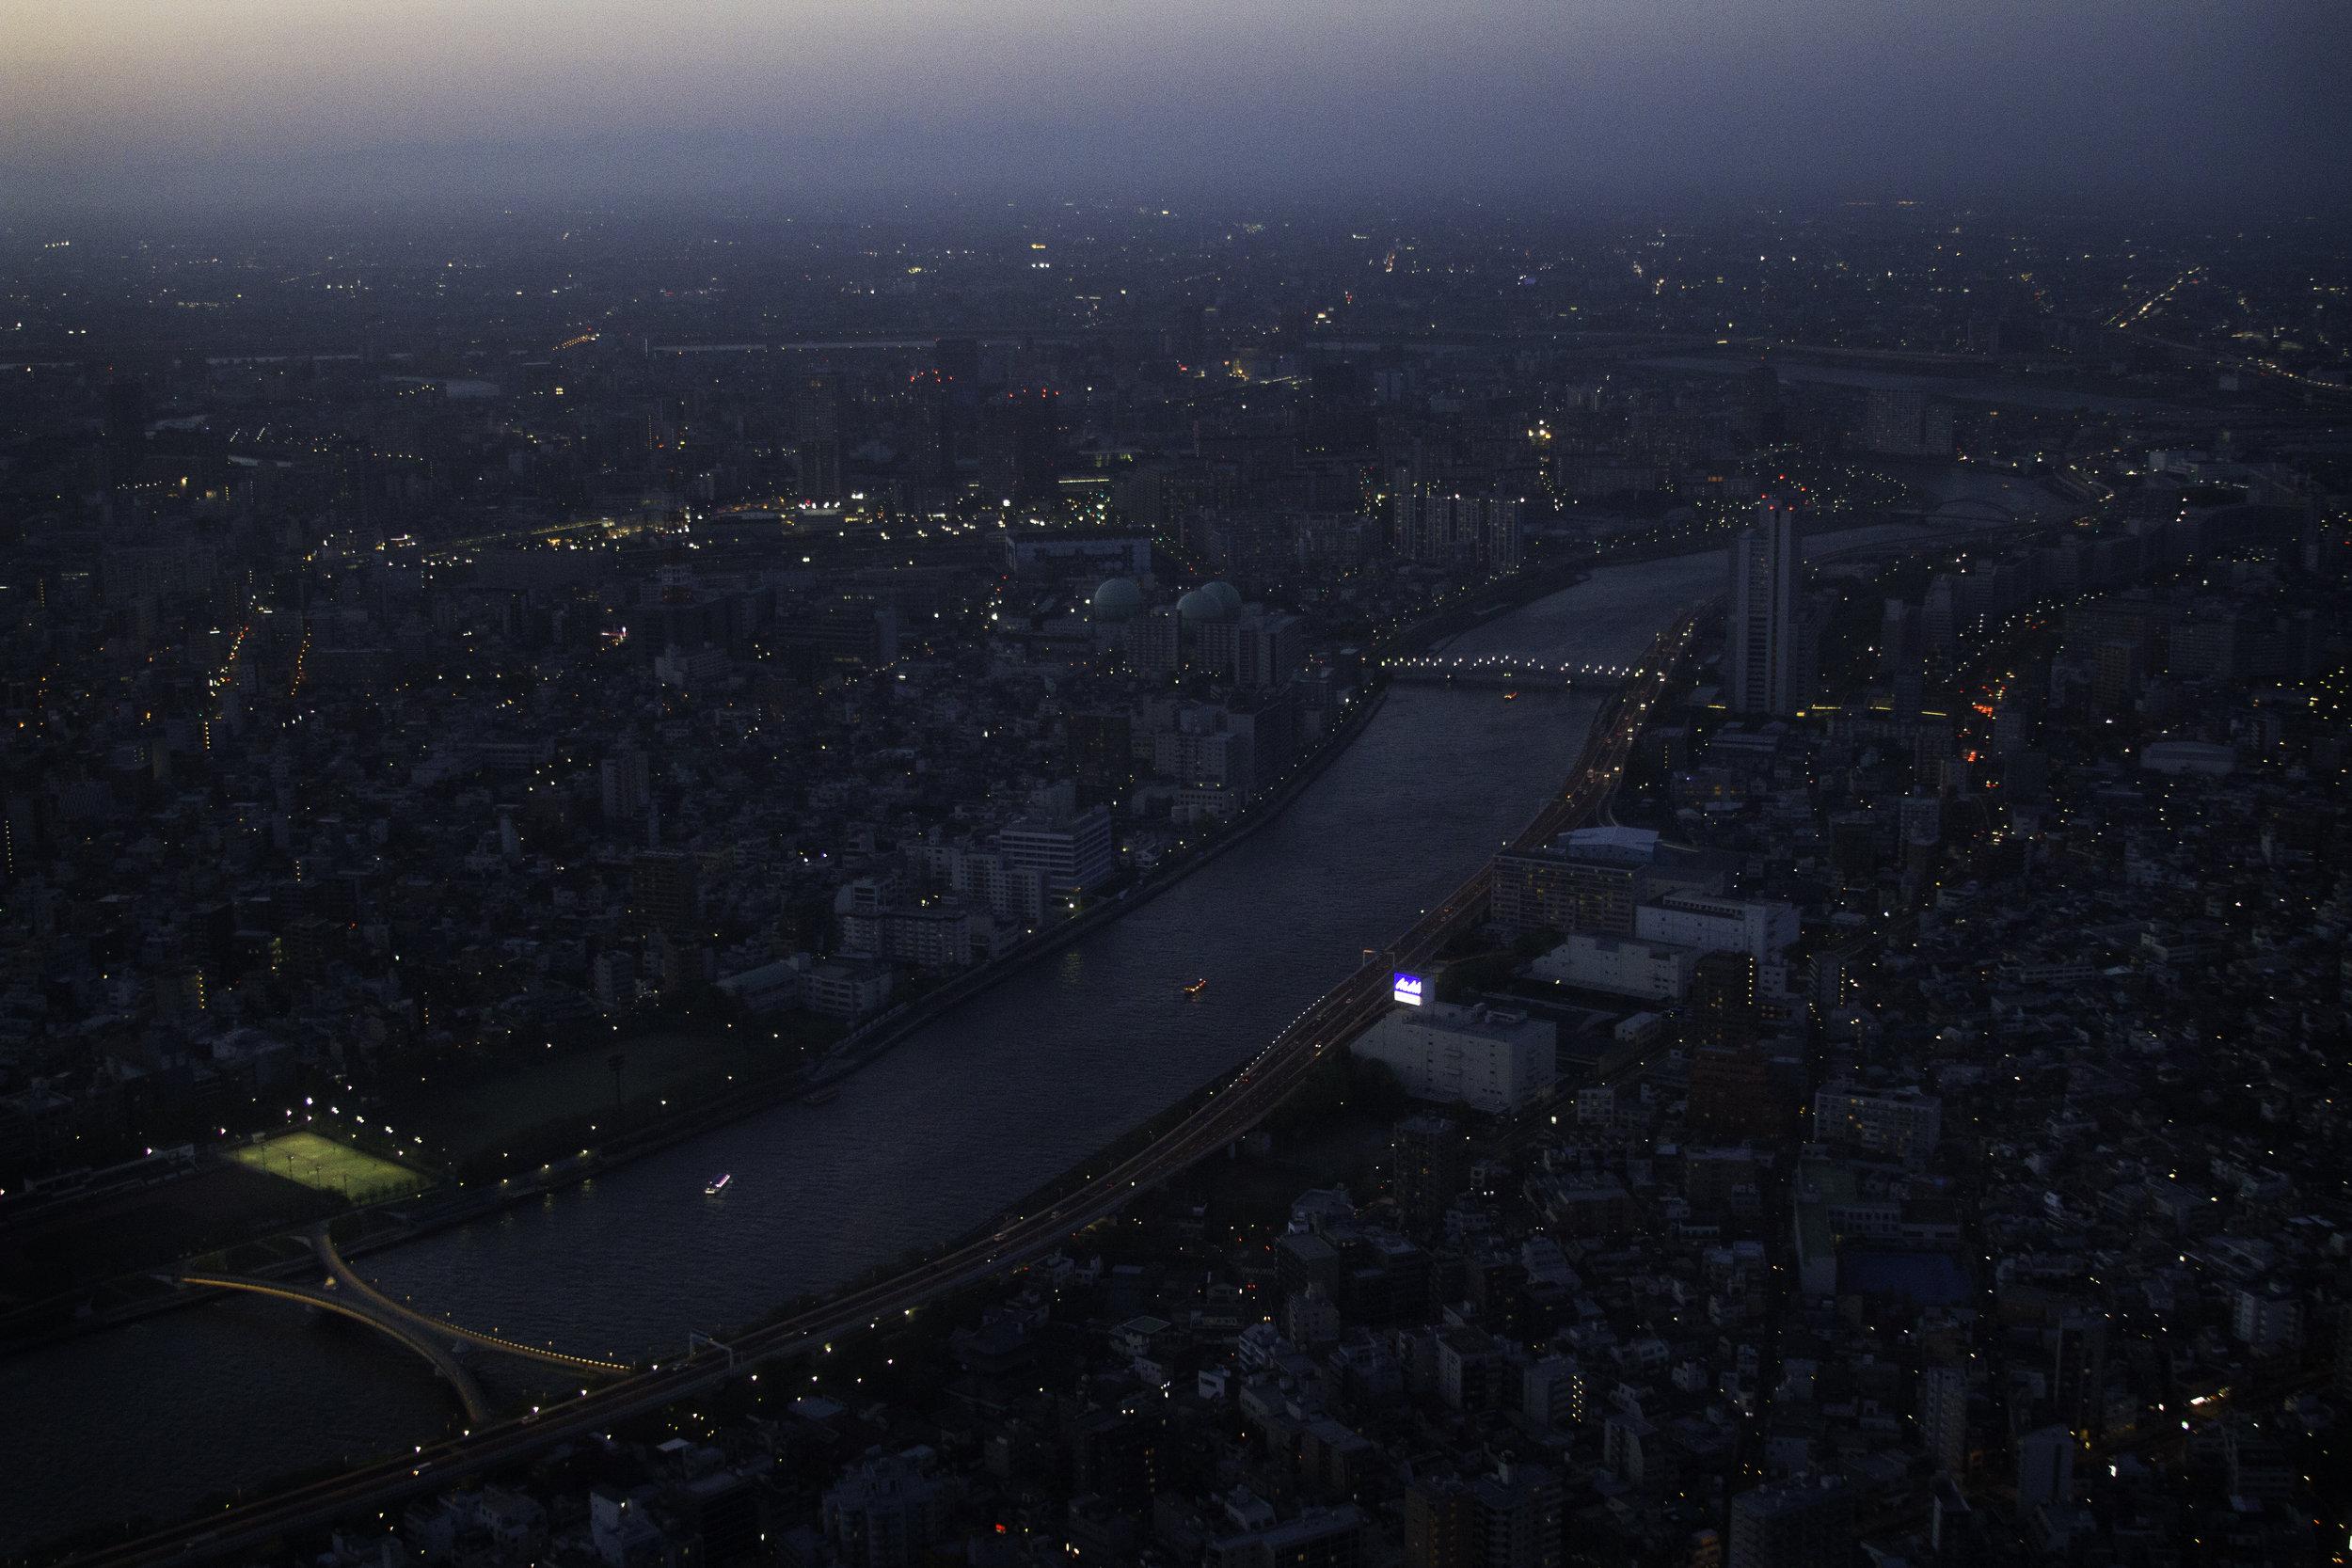 Skytree_View Night2.jpg